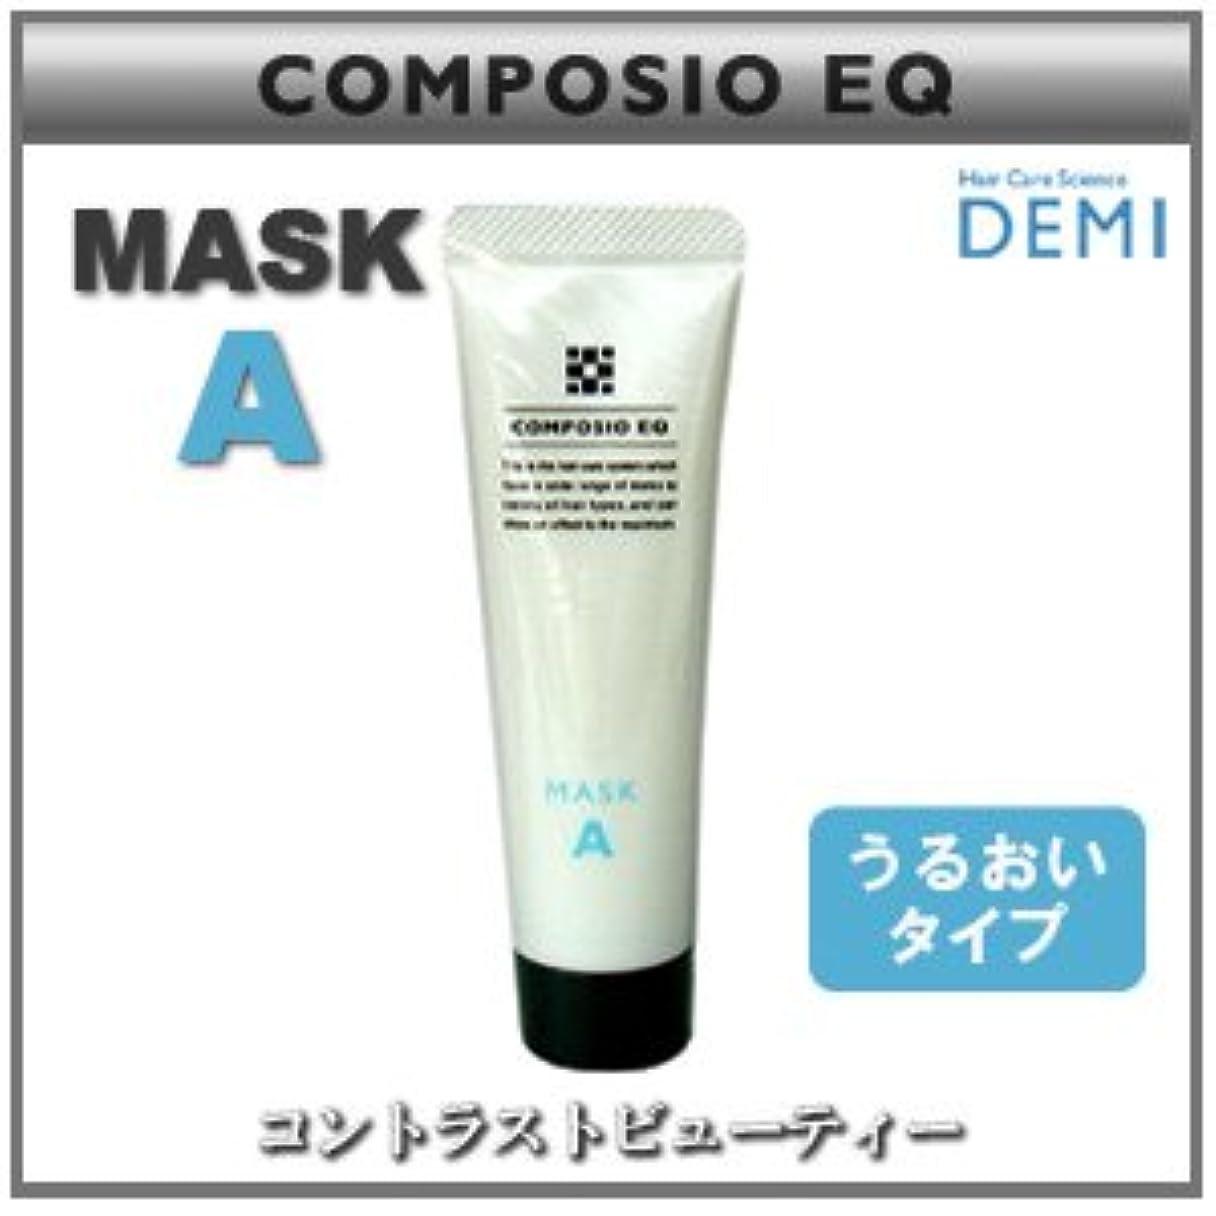 クロール論理貞【X3個セット】 デミ コンポジオ EQ マスク A 50g